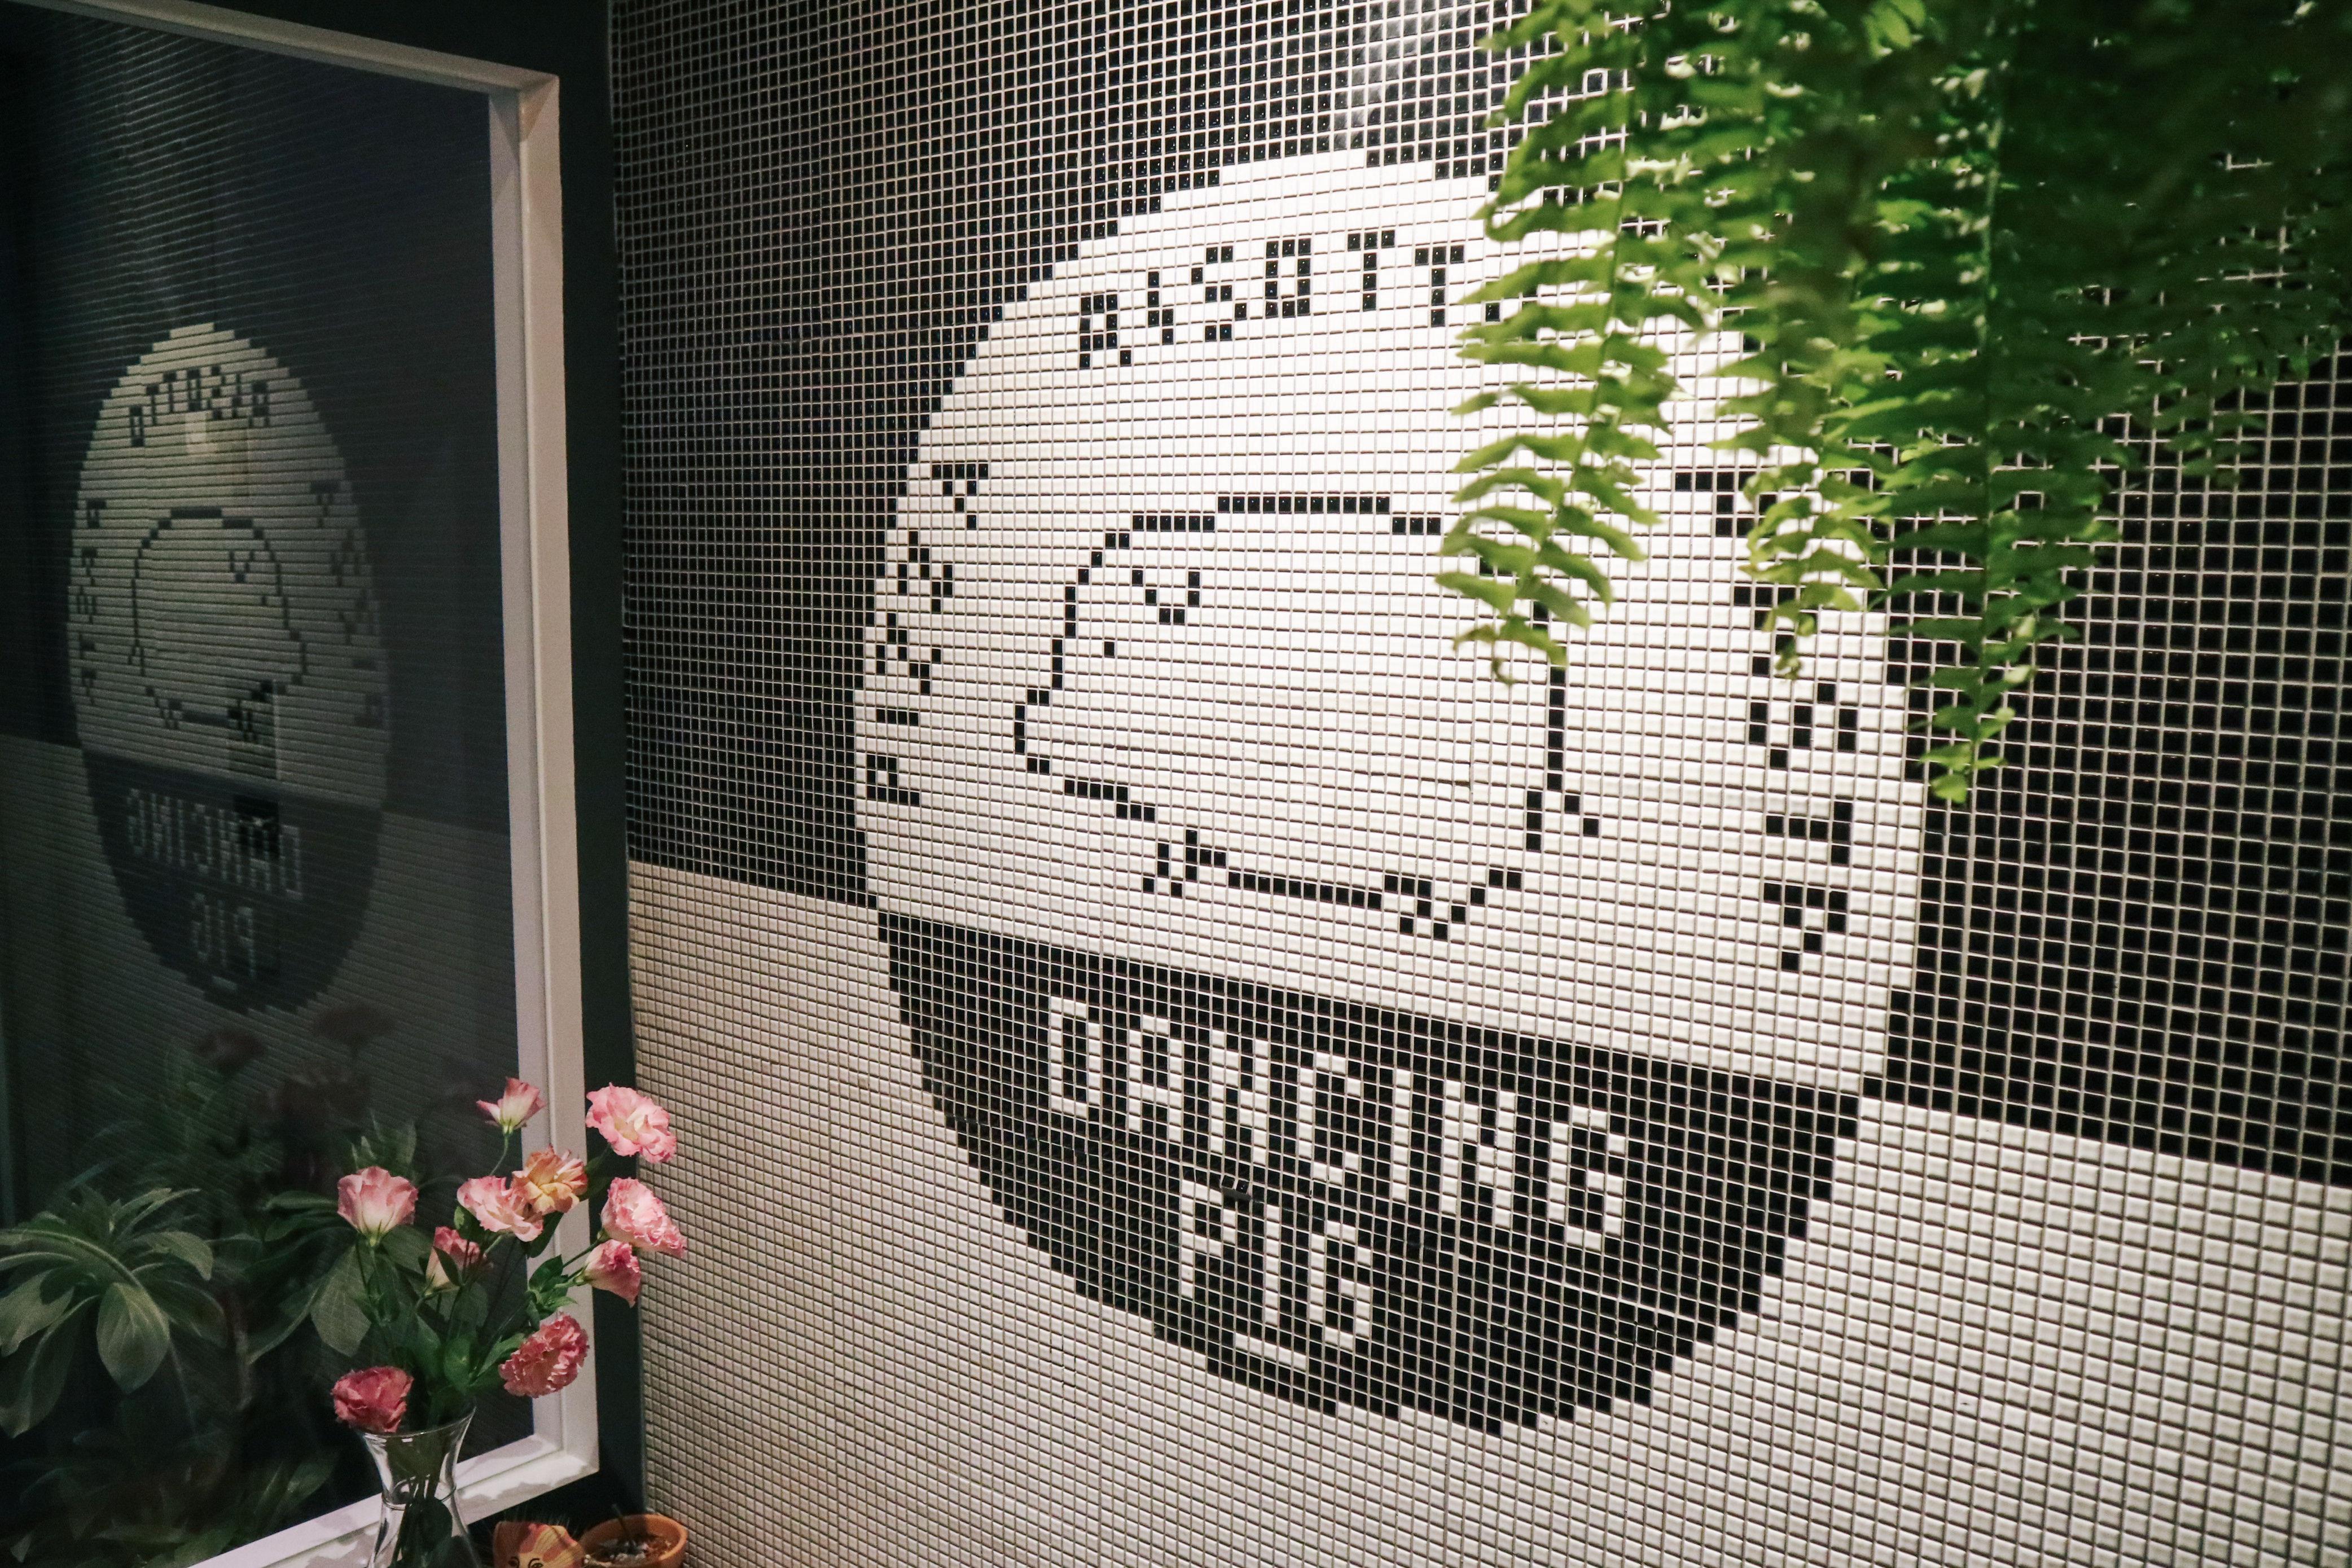 豬跳舞-dancingpig-pig-28